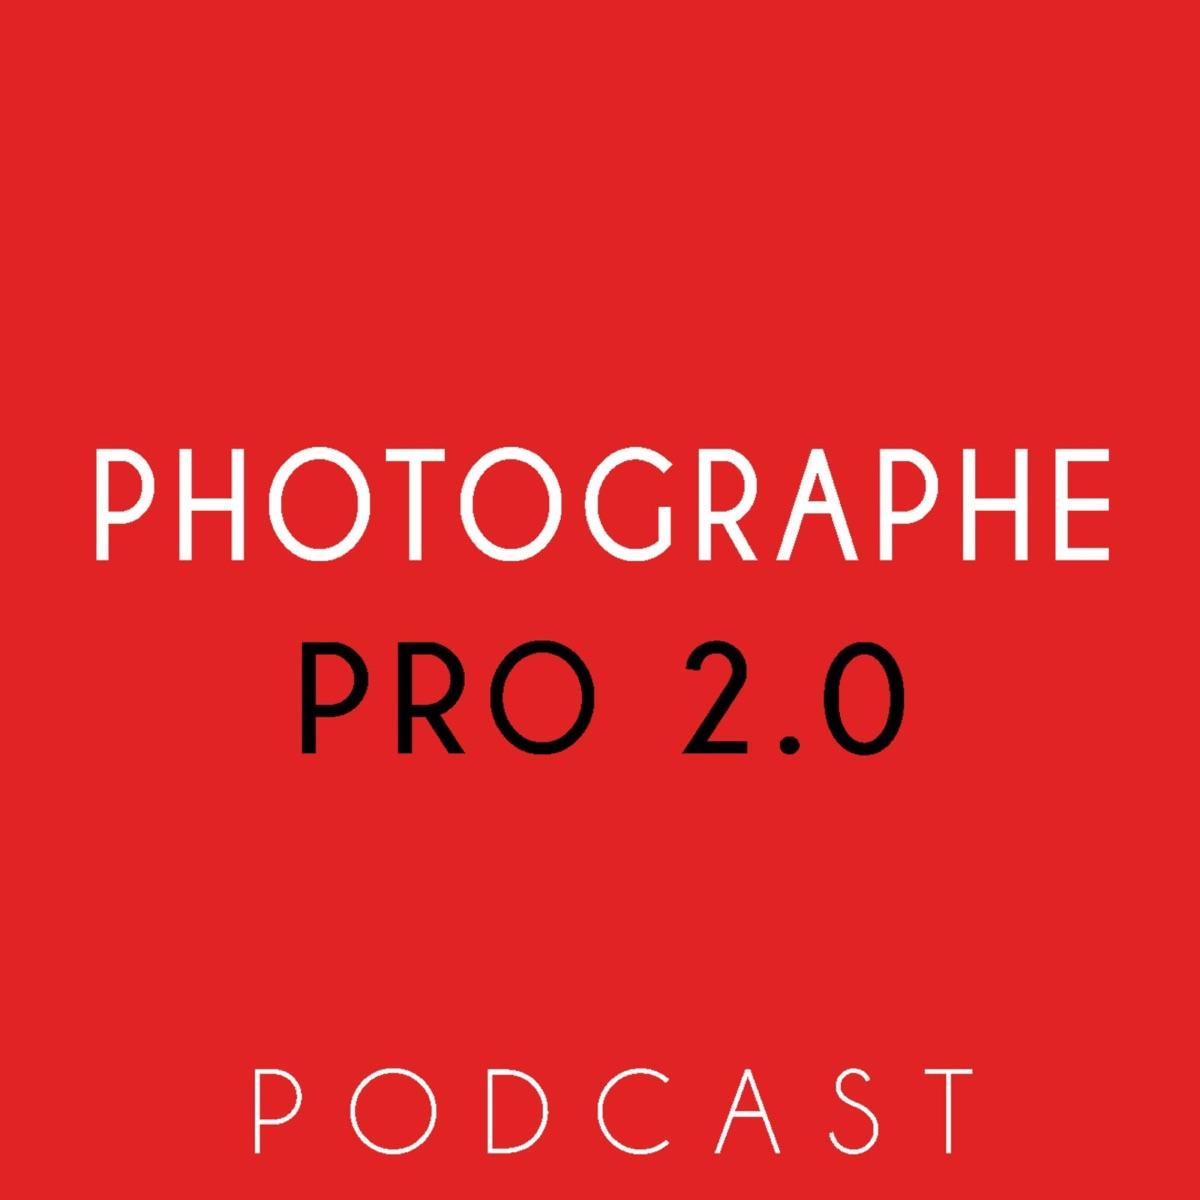 Podcast Photographe Pro 2.0